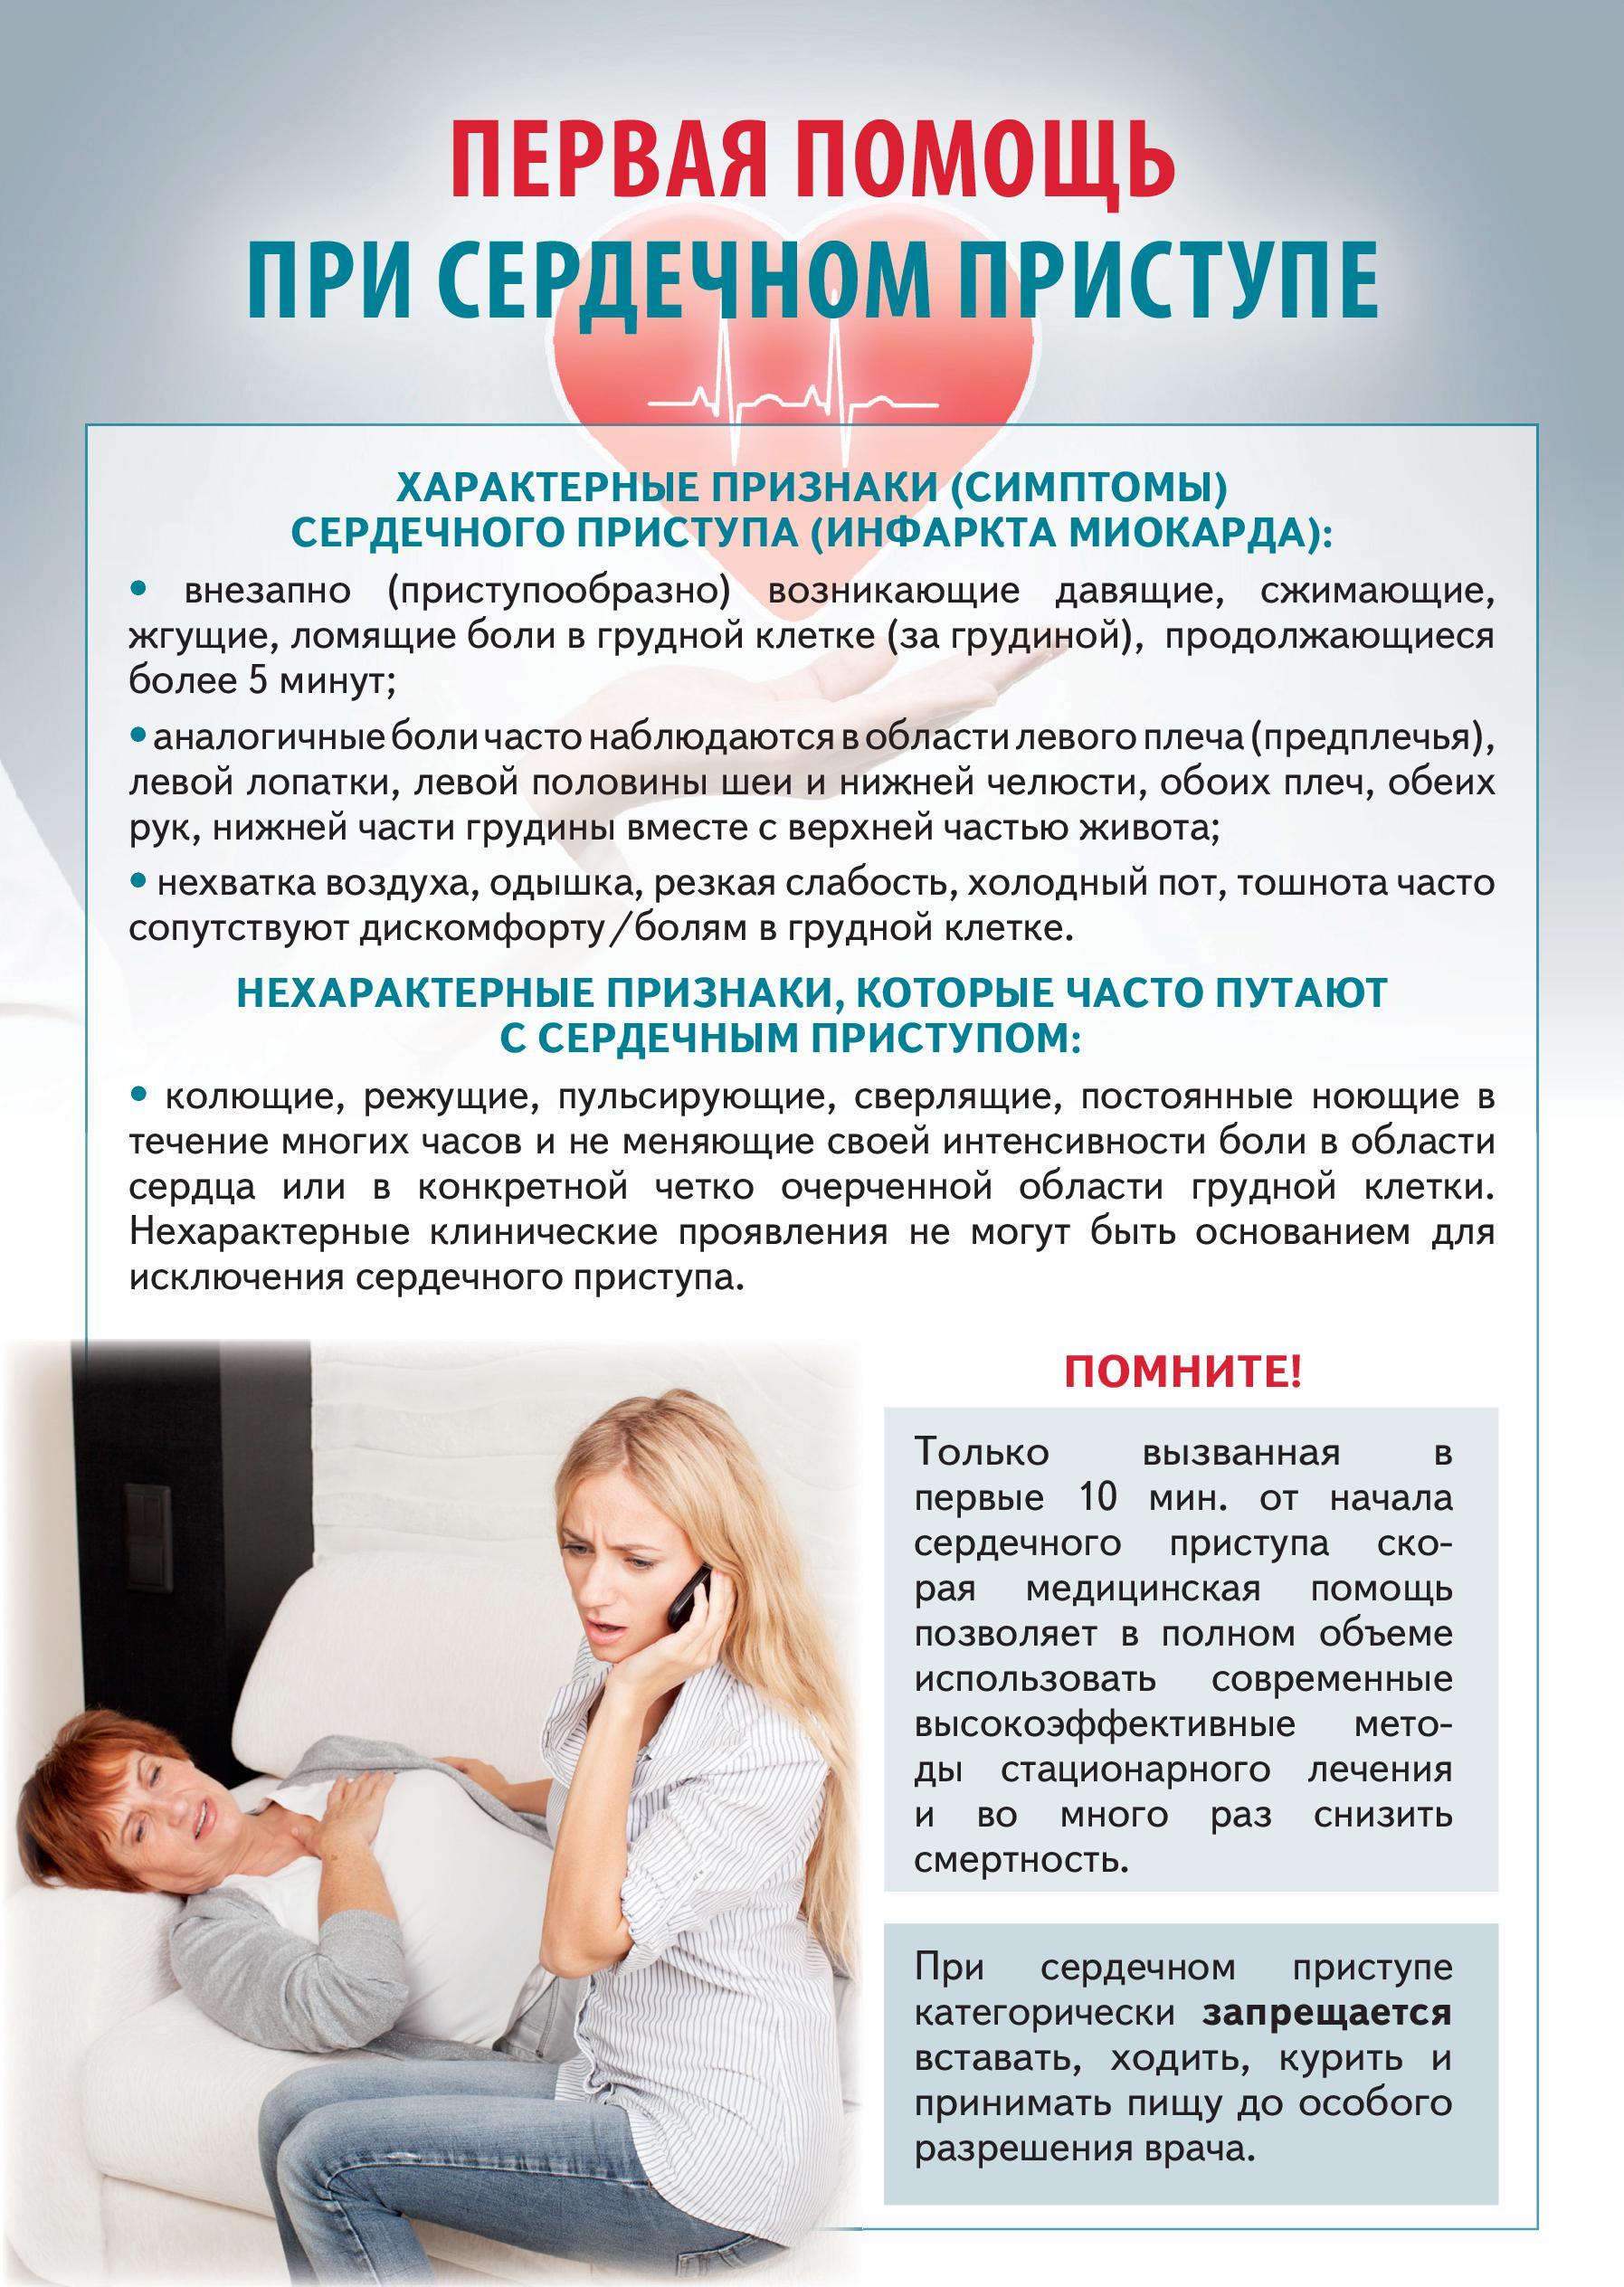 Как вызвать приступ в домашних условиях